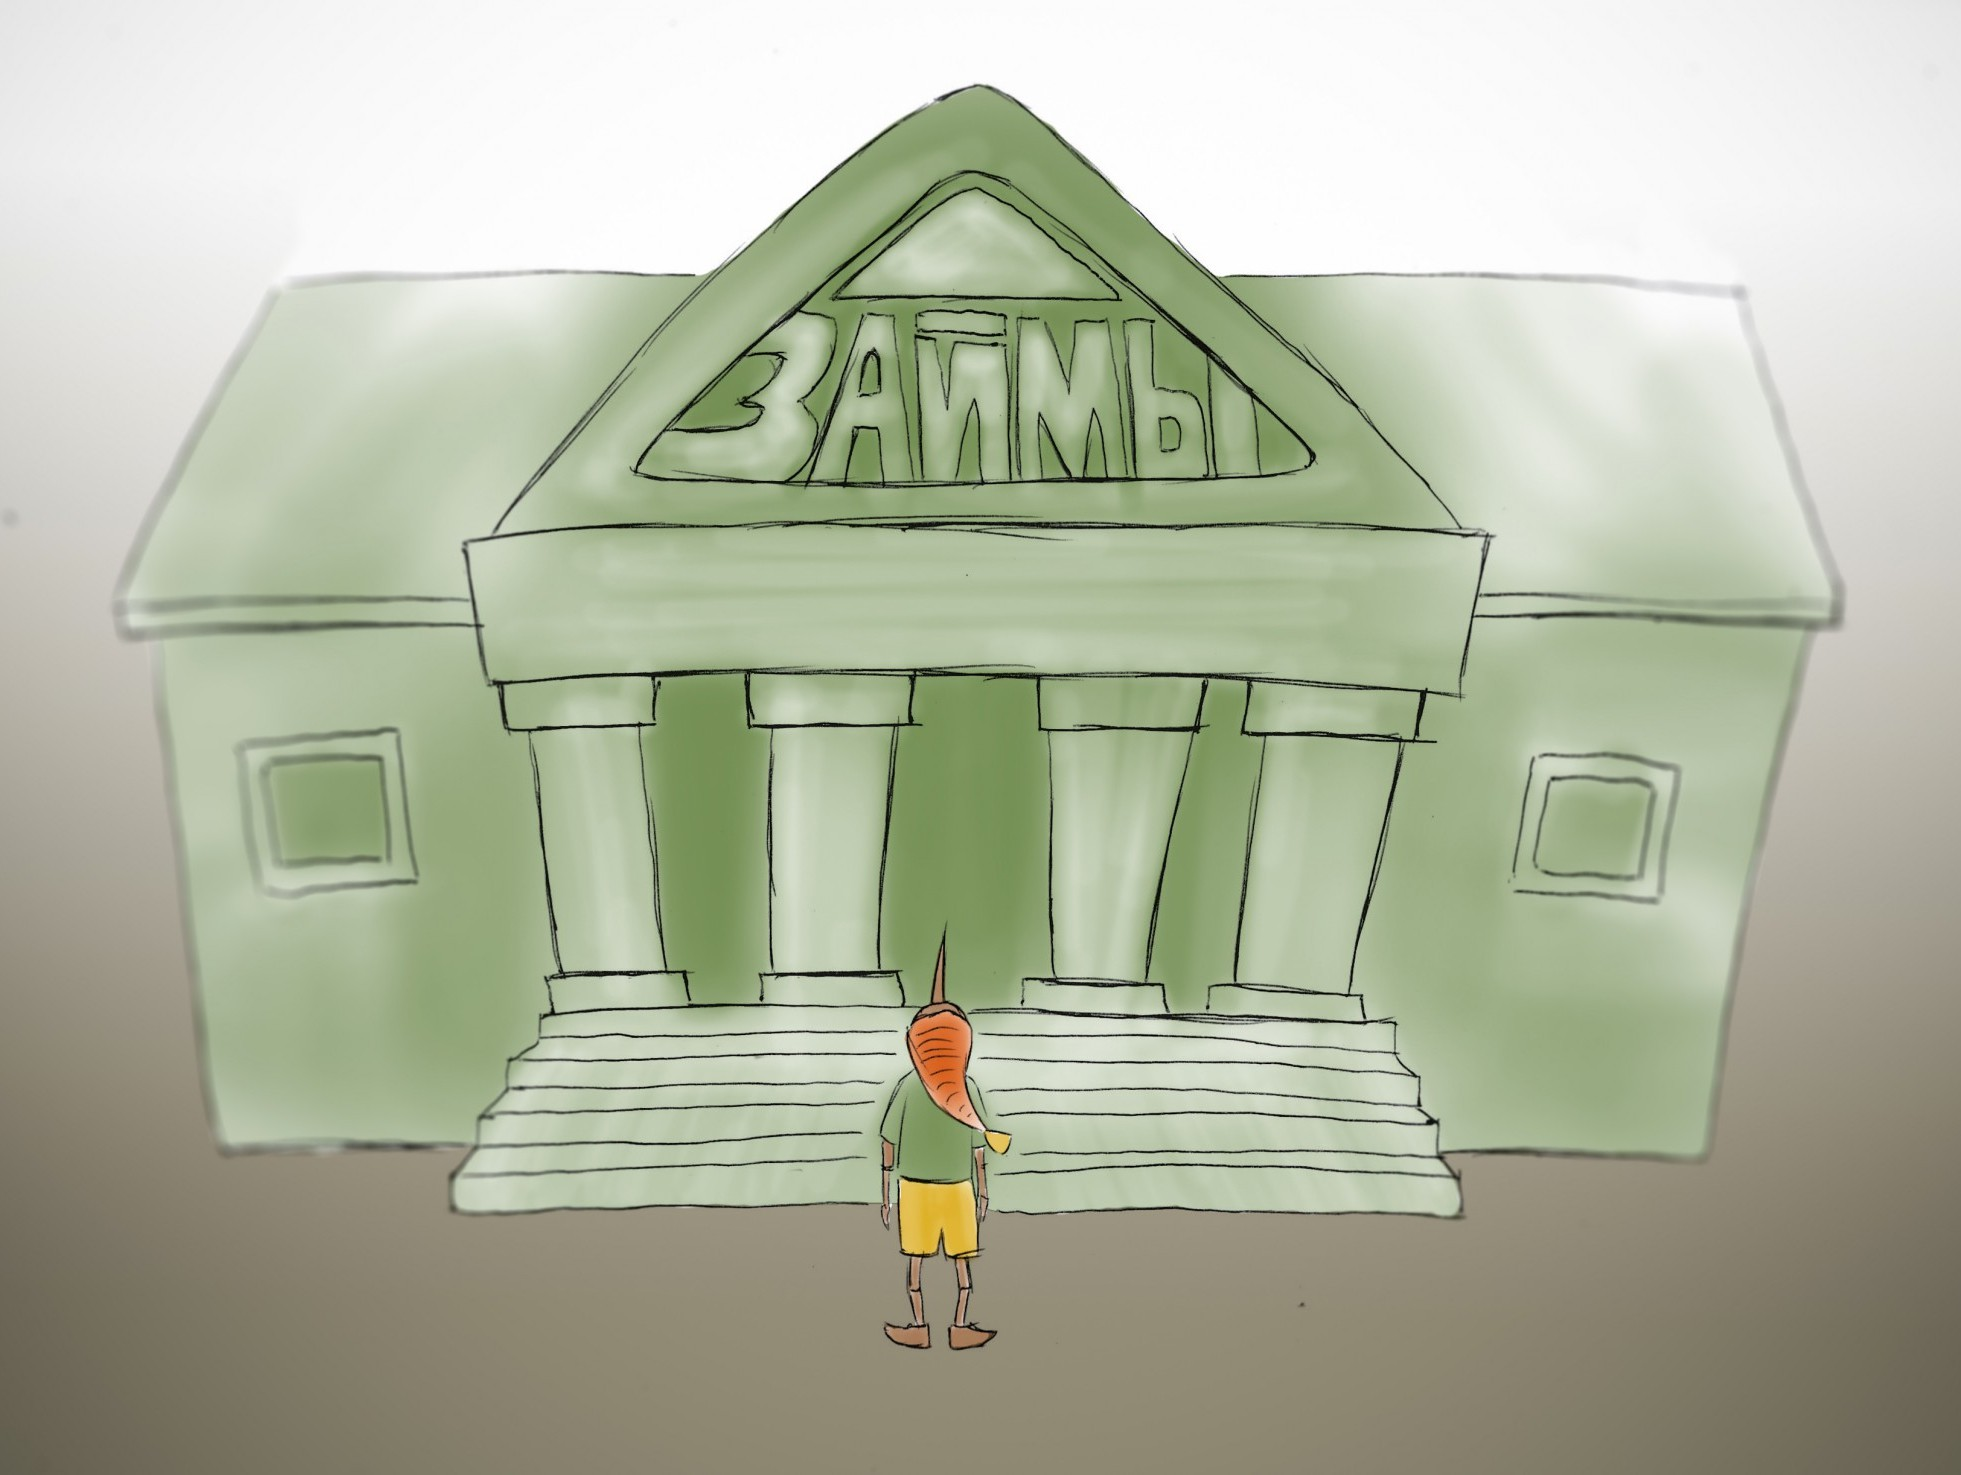 Как взять кредит в почта банке наличными чтобы одобрили 100 тысяч